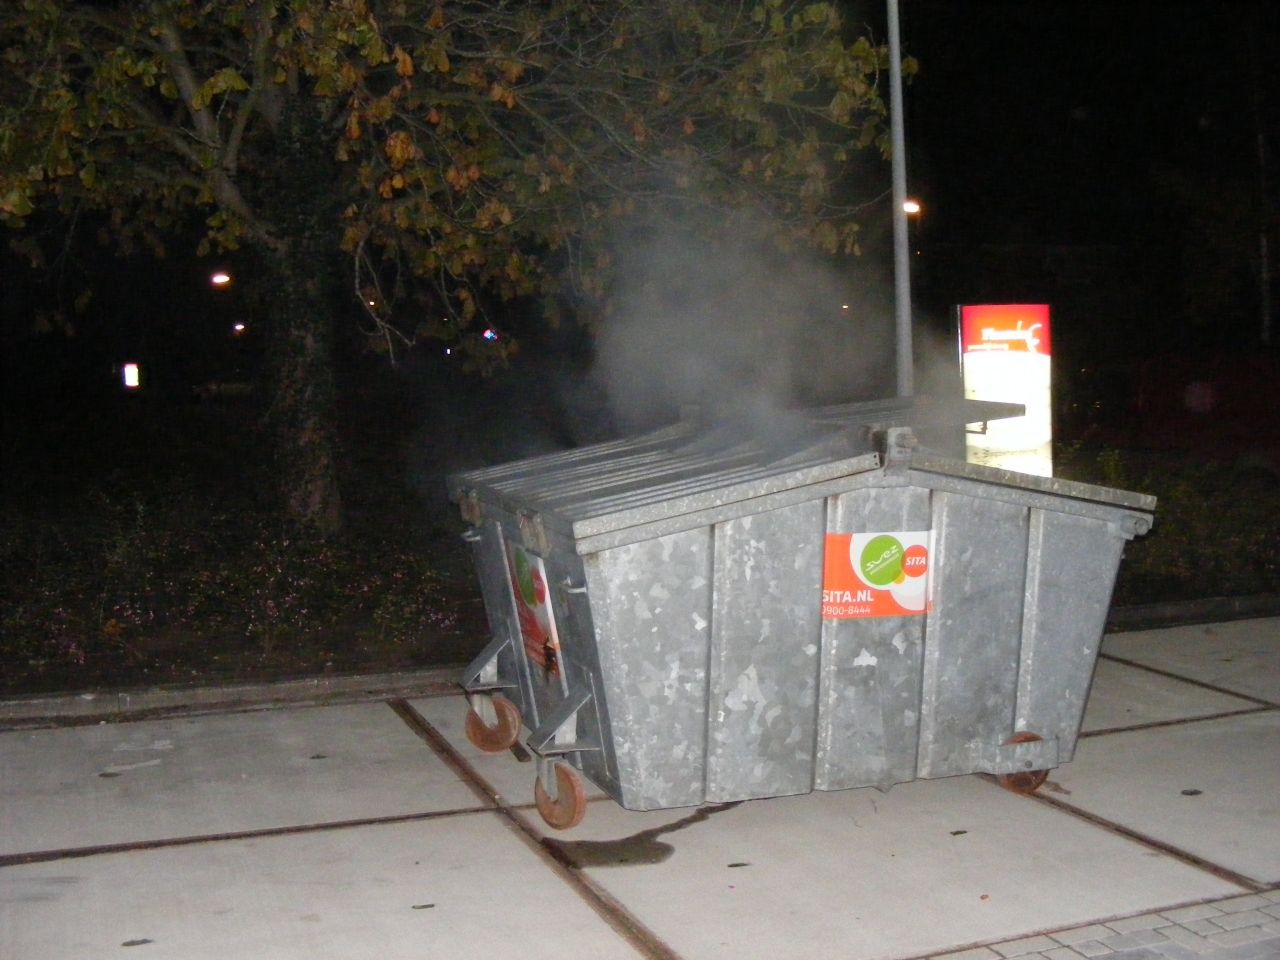 Containerbrand bij verpleeghuis